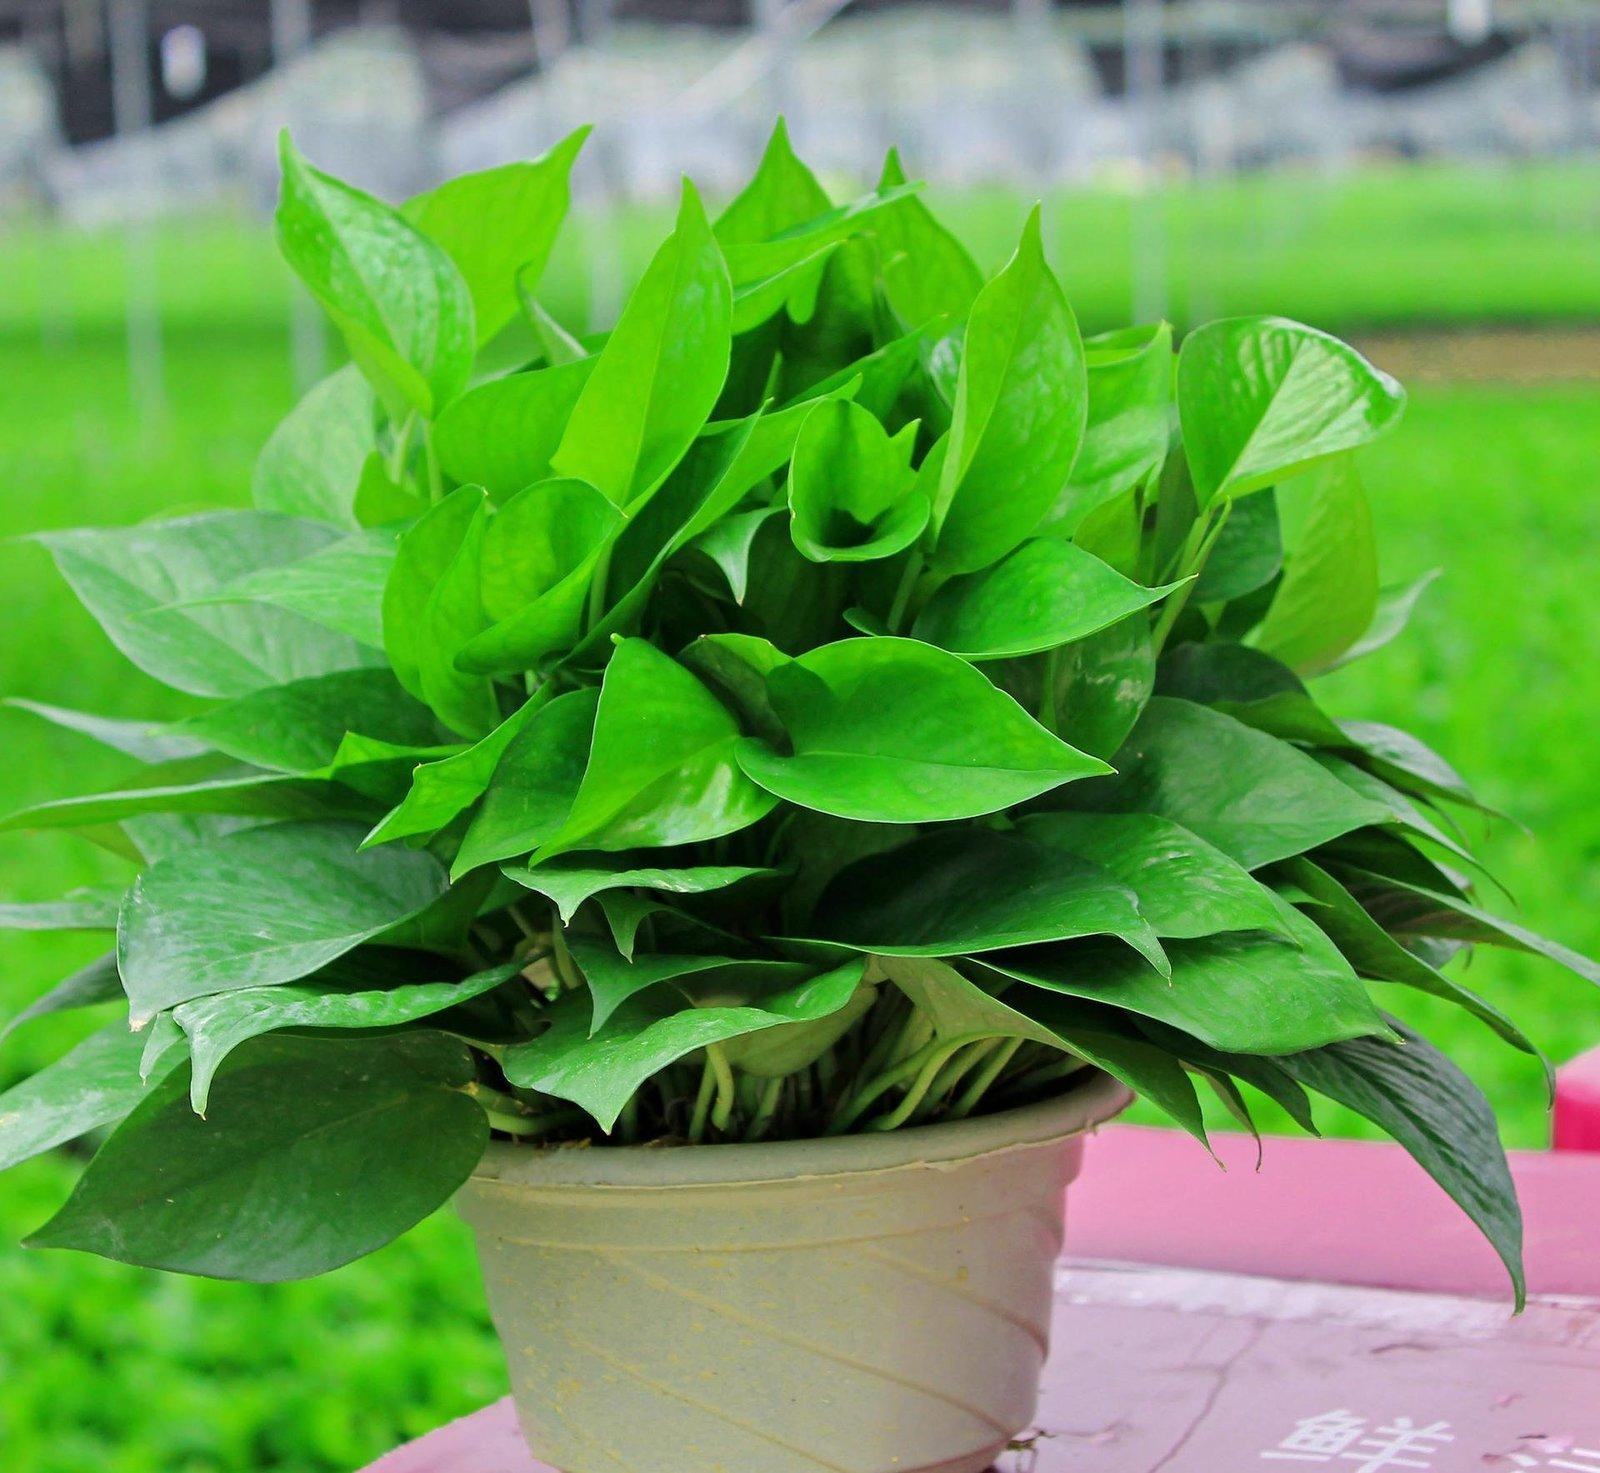 盆栽植物图片及名称大全 15种室内绿化必备盆栽植物